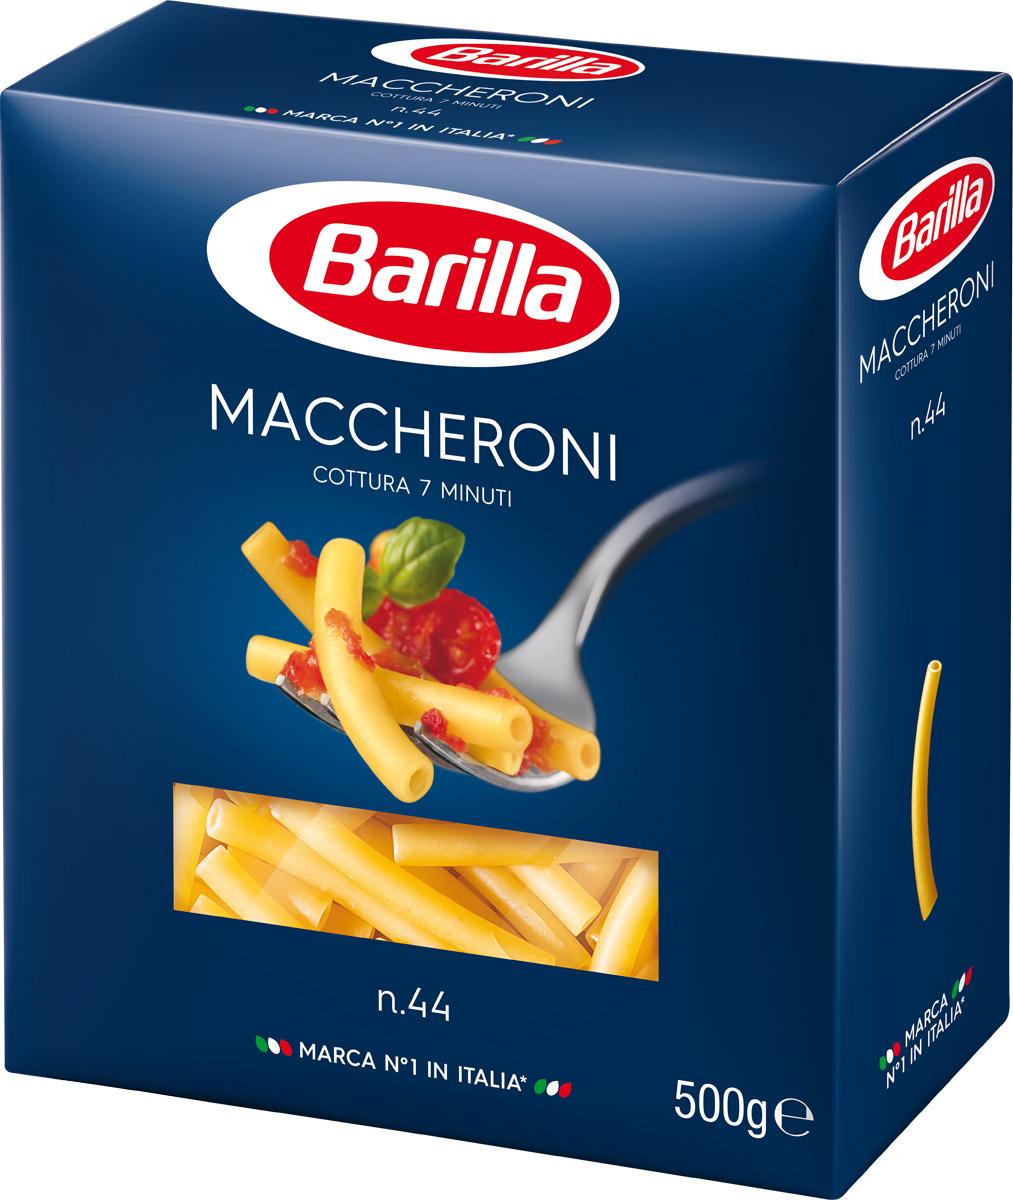 Barilla Maccheroni паста маккерони, 500 г0120710По одной из версий, некий римский кардинал, увидев их впервые на своем столе, воскликнул: О, ма карони! (О, как мило!). Маккерони - классика итальянской гастрономии, самый известный формат пасты, давший название этой продуктовой категории во всем мире.Маккерони - один из традиционных видов пасты. Не слишком короткие, не слишком широкие - они идеально подходят для экспериментов на кухне. Благодаря такой форме их можно использовать как с легкими, так и с густыми томатными, овощными и мясными соусами.Идеальный формат пасты для гарнира, прекрасно сочетается с густыми томатными, овощными и мясными соусами. Дети очень любят эту пасту с сыром и беконом. Если вы хотите попробовать блюдо с более выраженным вкусом, то вместо ветчины возьмите копченый бекон, добавьте вяленые помидоры, острый перец и сбрызните оливковым маслом.Уважаемые клиенты! Обращаем ваше внимание на то, что упаковка может иметь несколько видов дизайна. Поставка осуществляется в зависимости от наличия на складе.